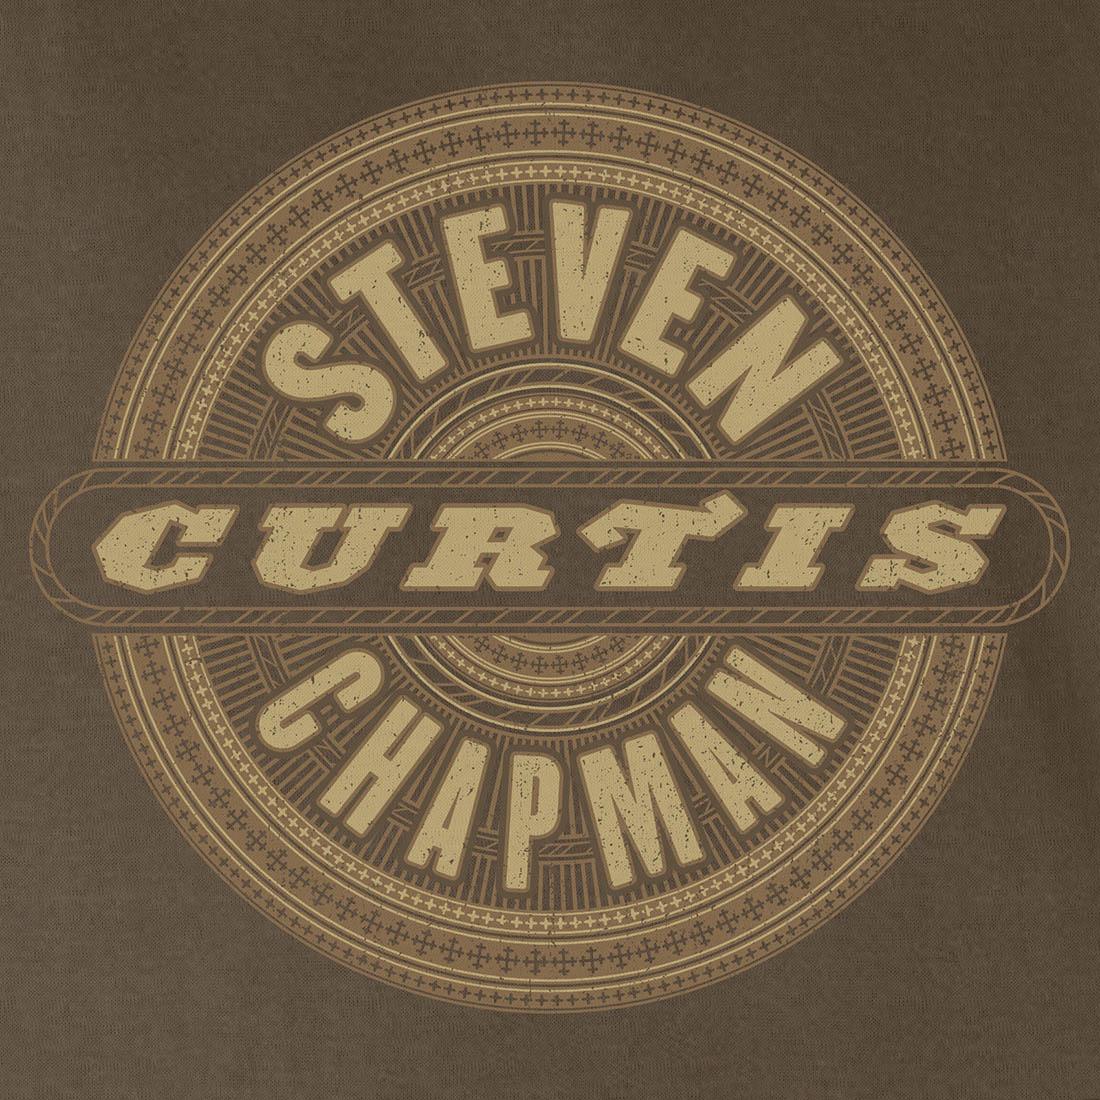 Steven Curtis Chapman T-shirt Design